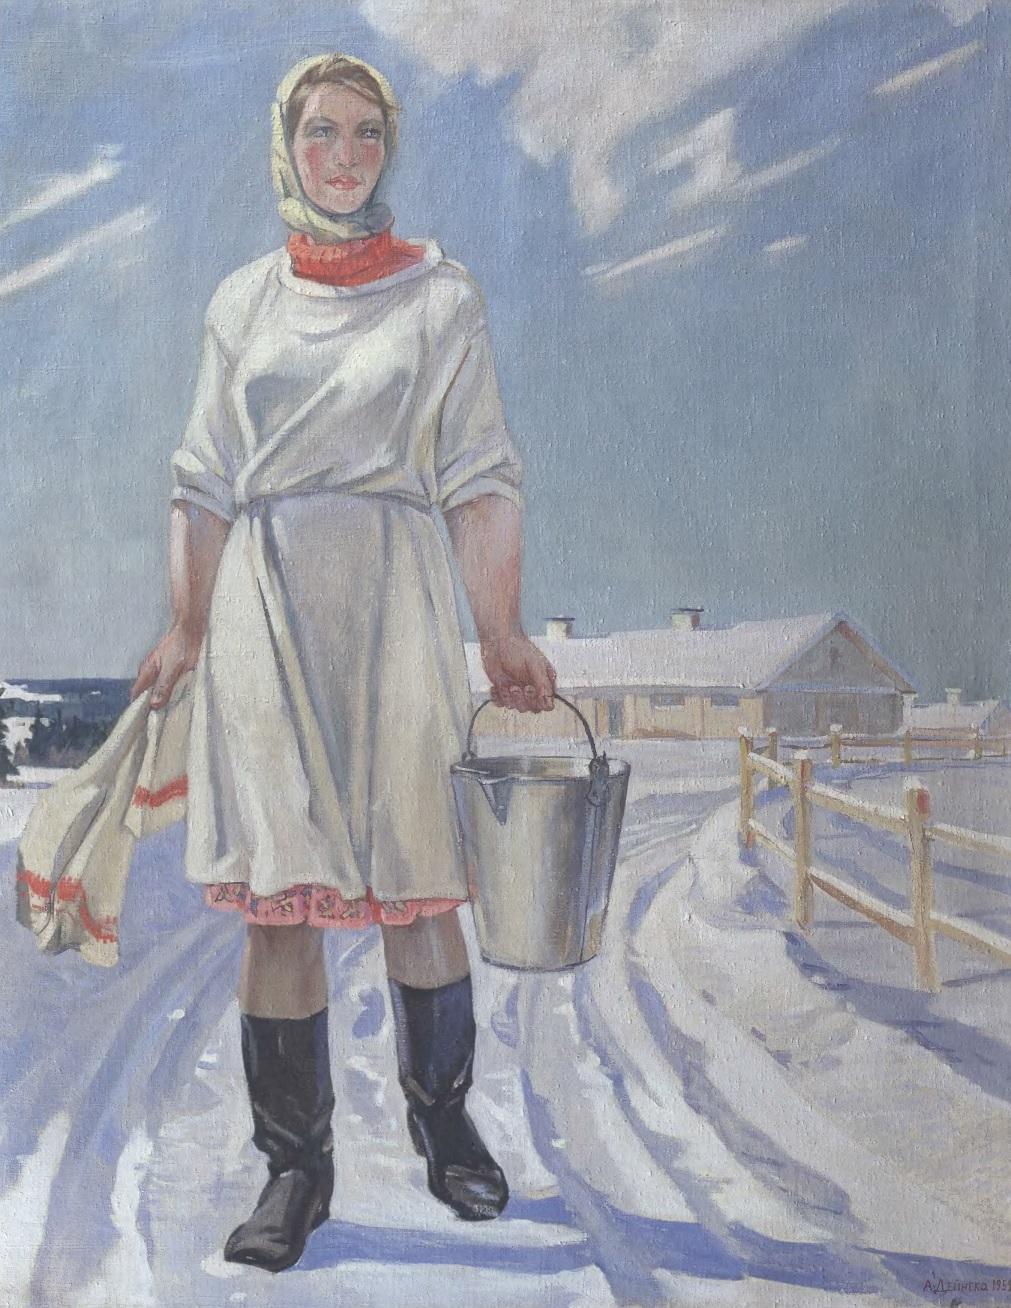 АЛЕКСАНДР ДЕЙНЕКА. Доярка. 1959. Холст, масло. 163 х 132 см. Иркутский областной художественный музей